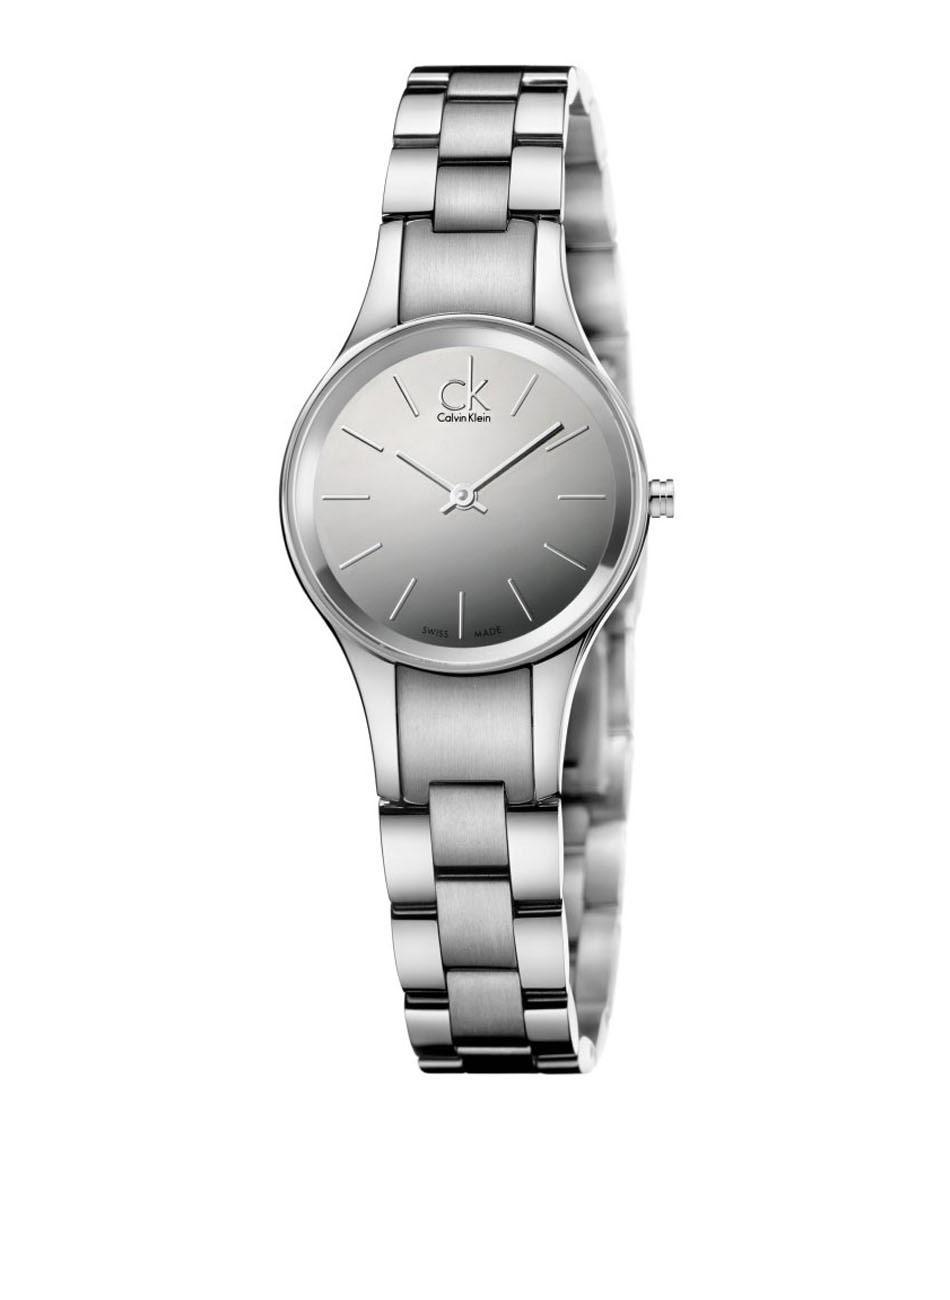 Calvin Klein SIMPLICITY K4323148